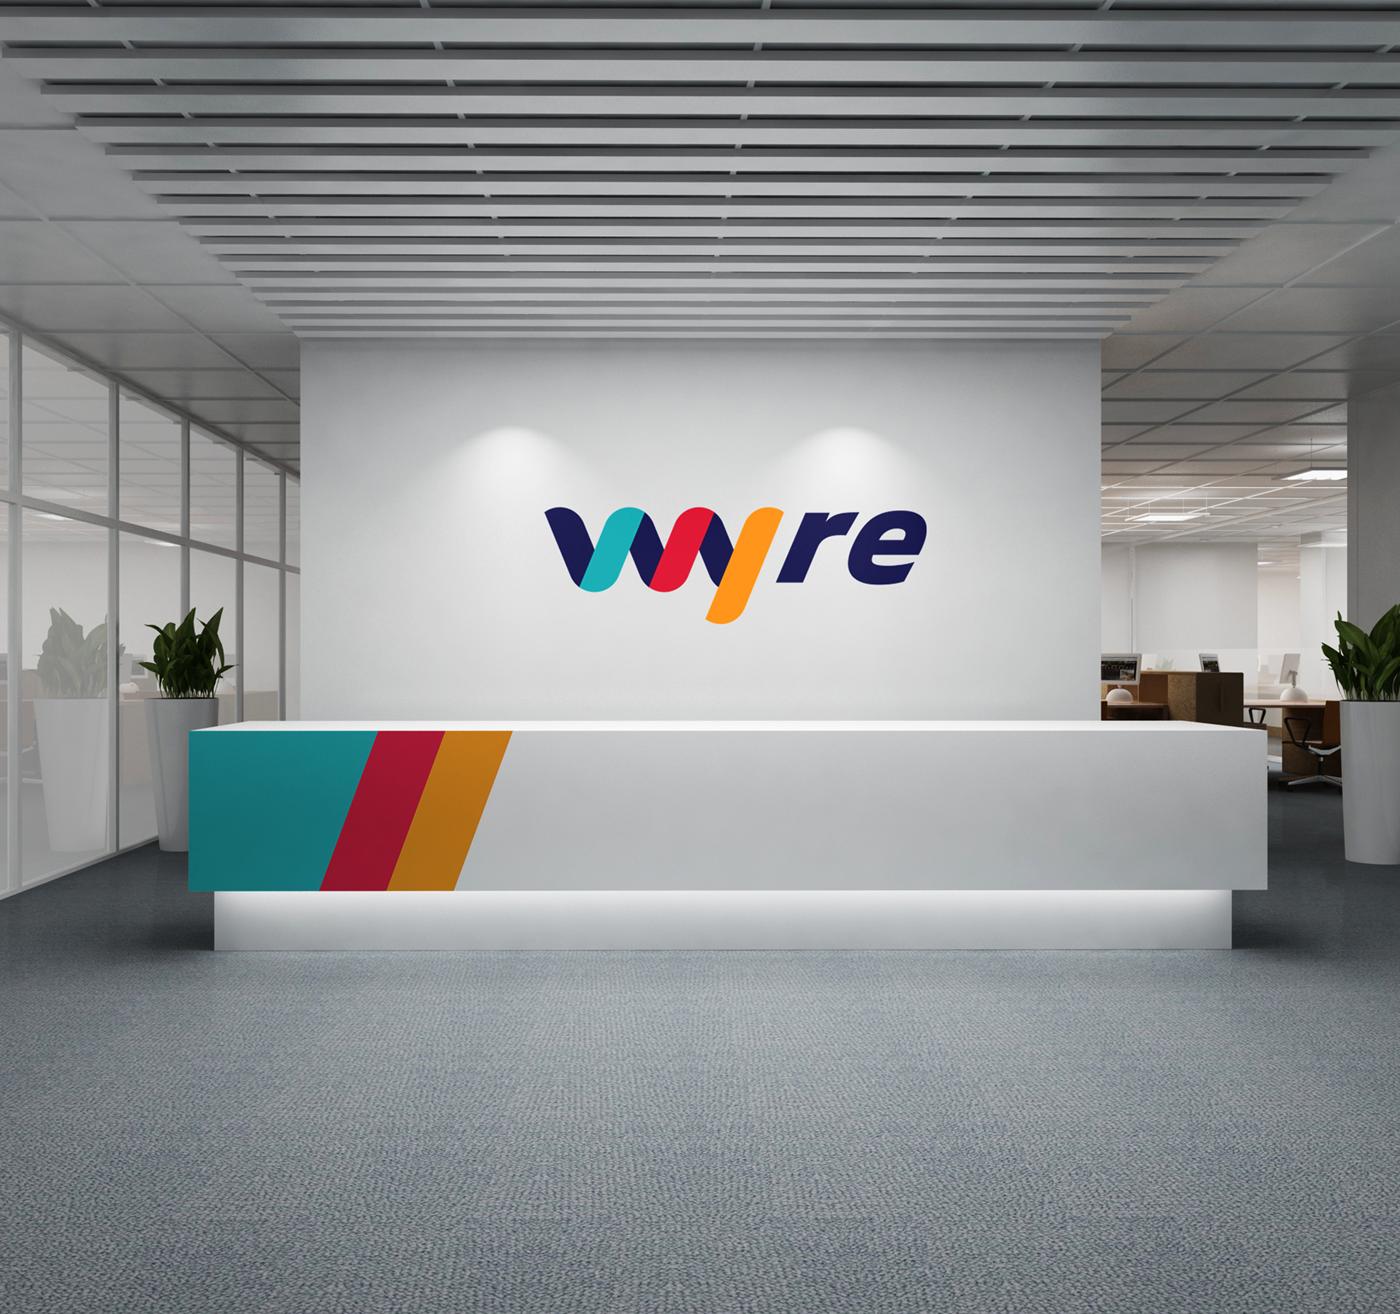 Wyre支付系统品牌设计 欣赏-第8张